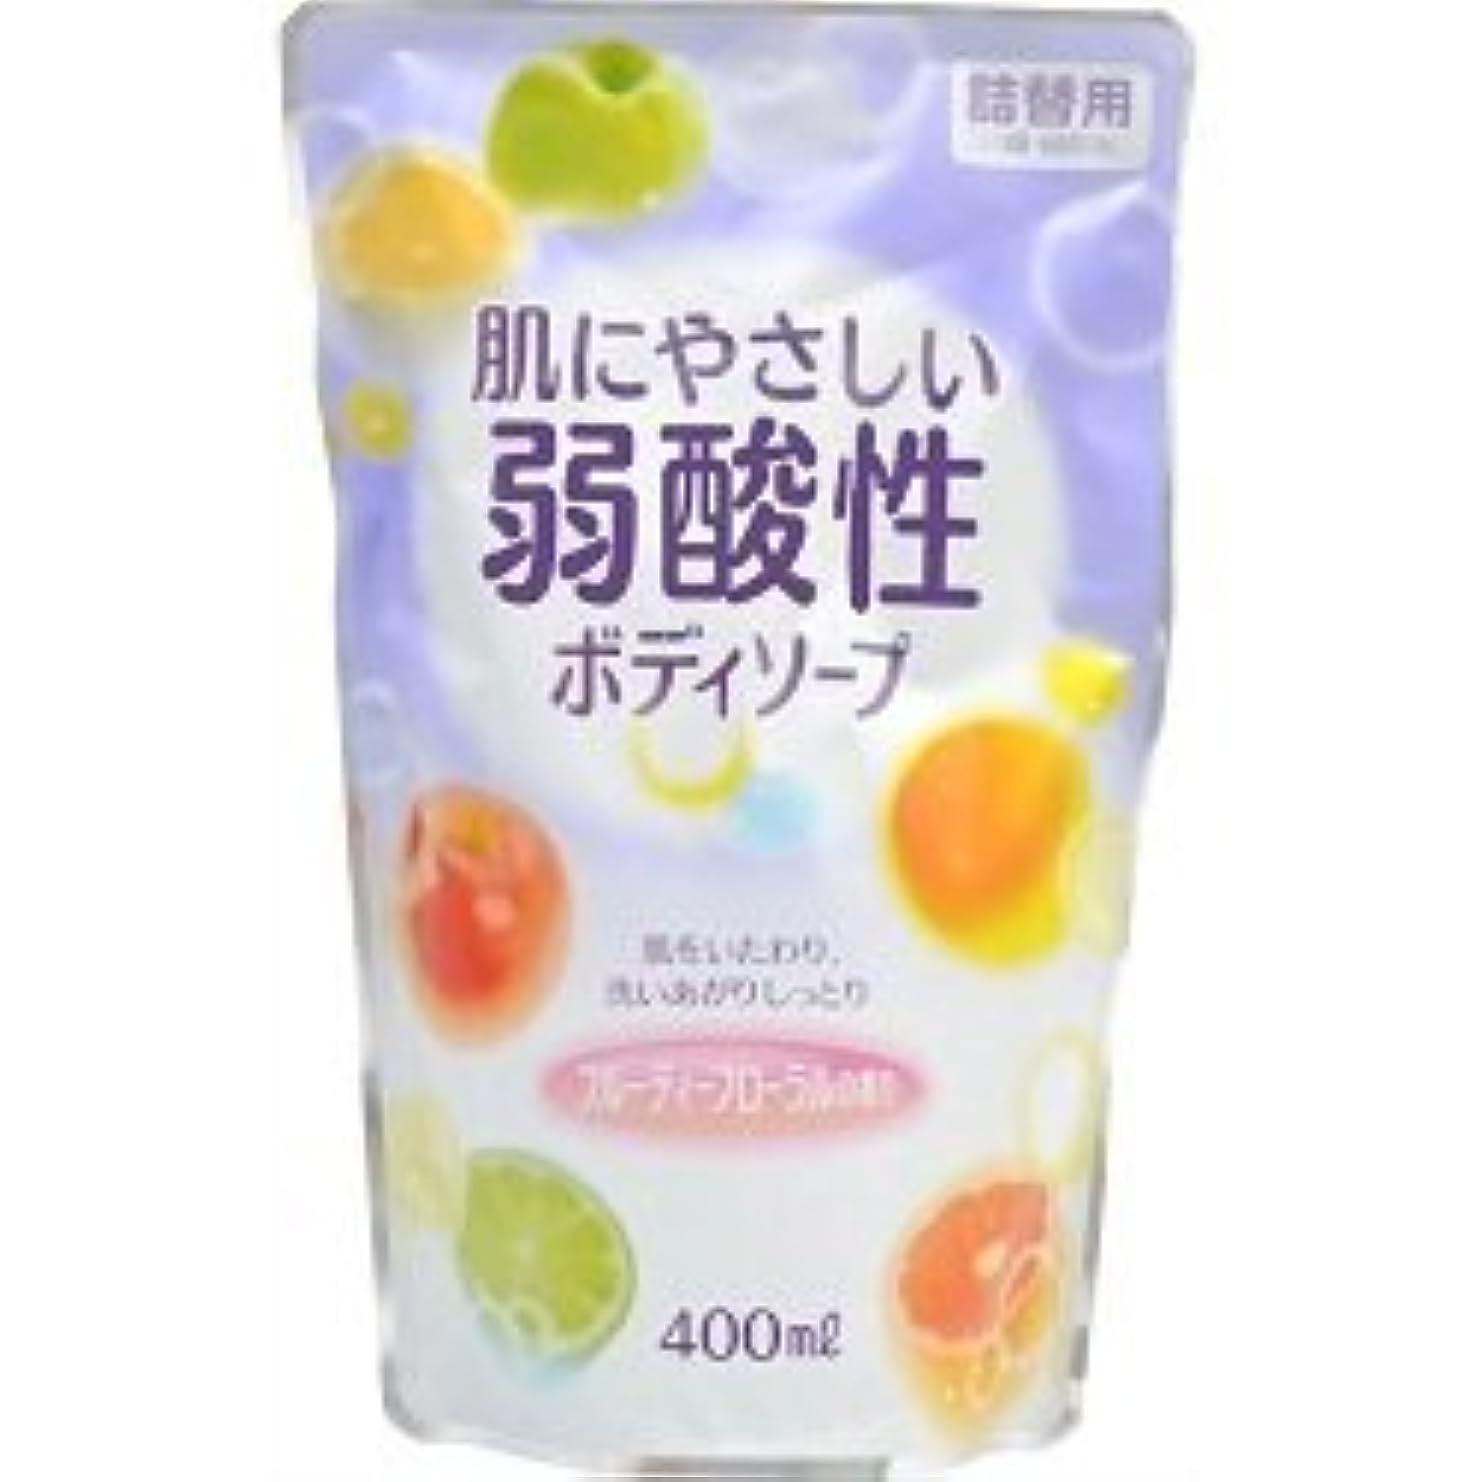 カレンダースティック伸ばす【エオリア】弱酸性ボディソープ フルーティフローラルの香り 詰替用 400ml ×5個セット